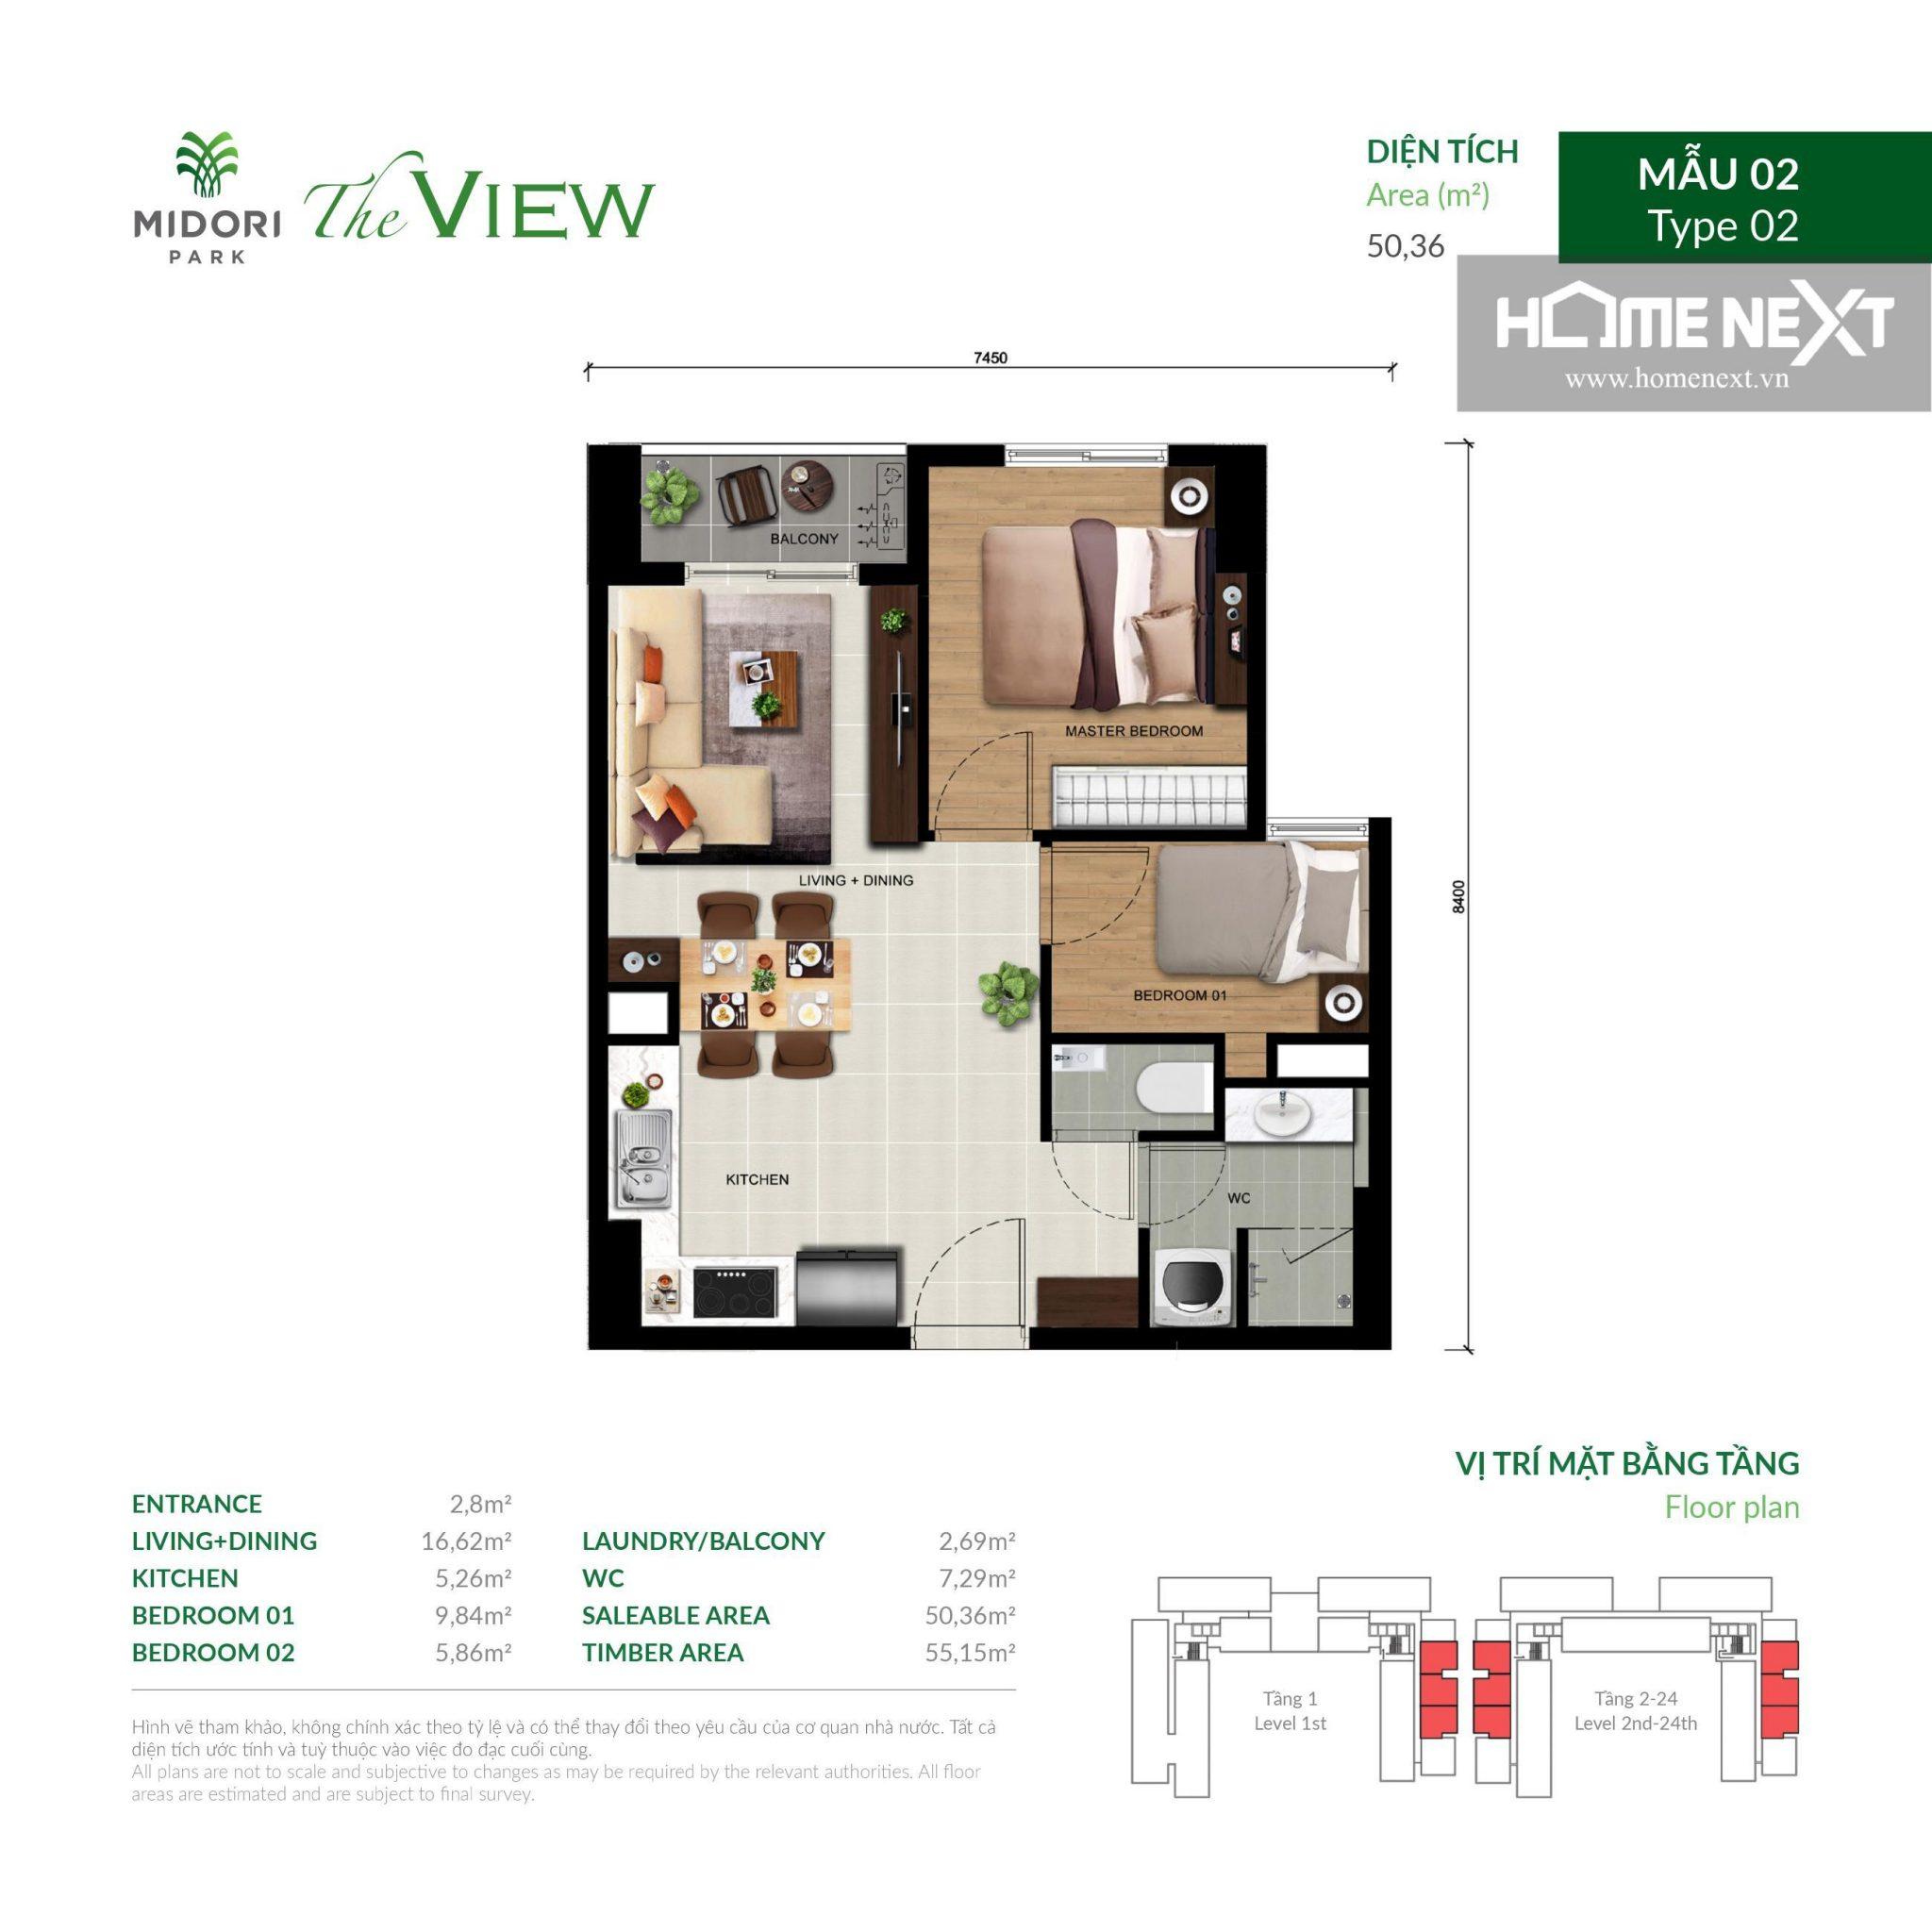 mẫu căn hộ The View